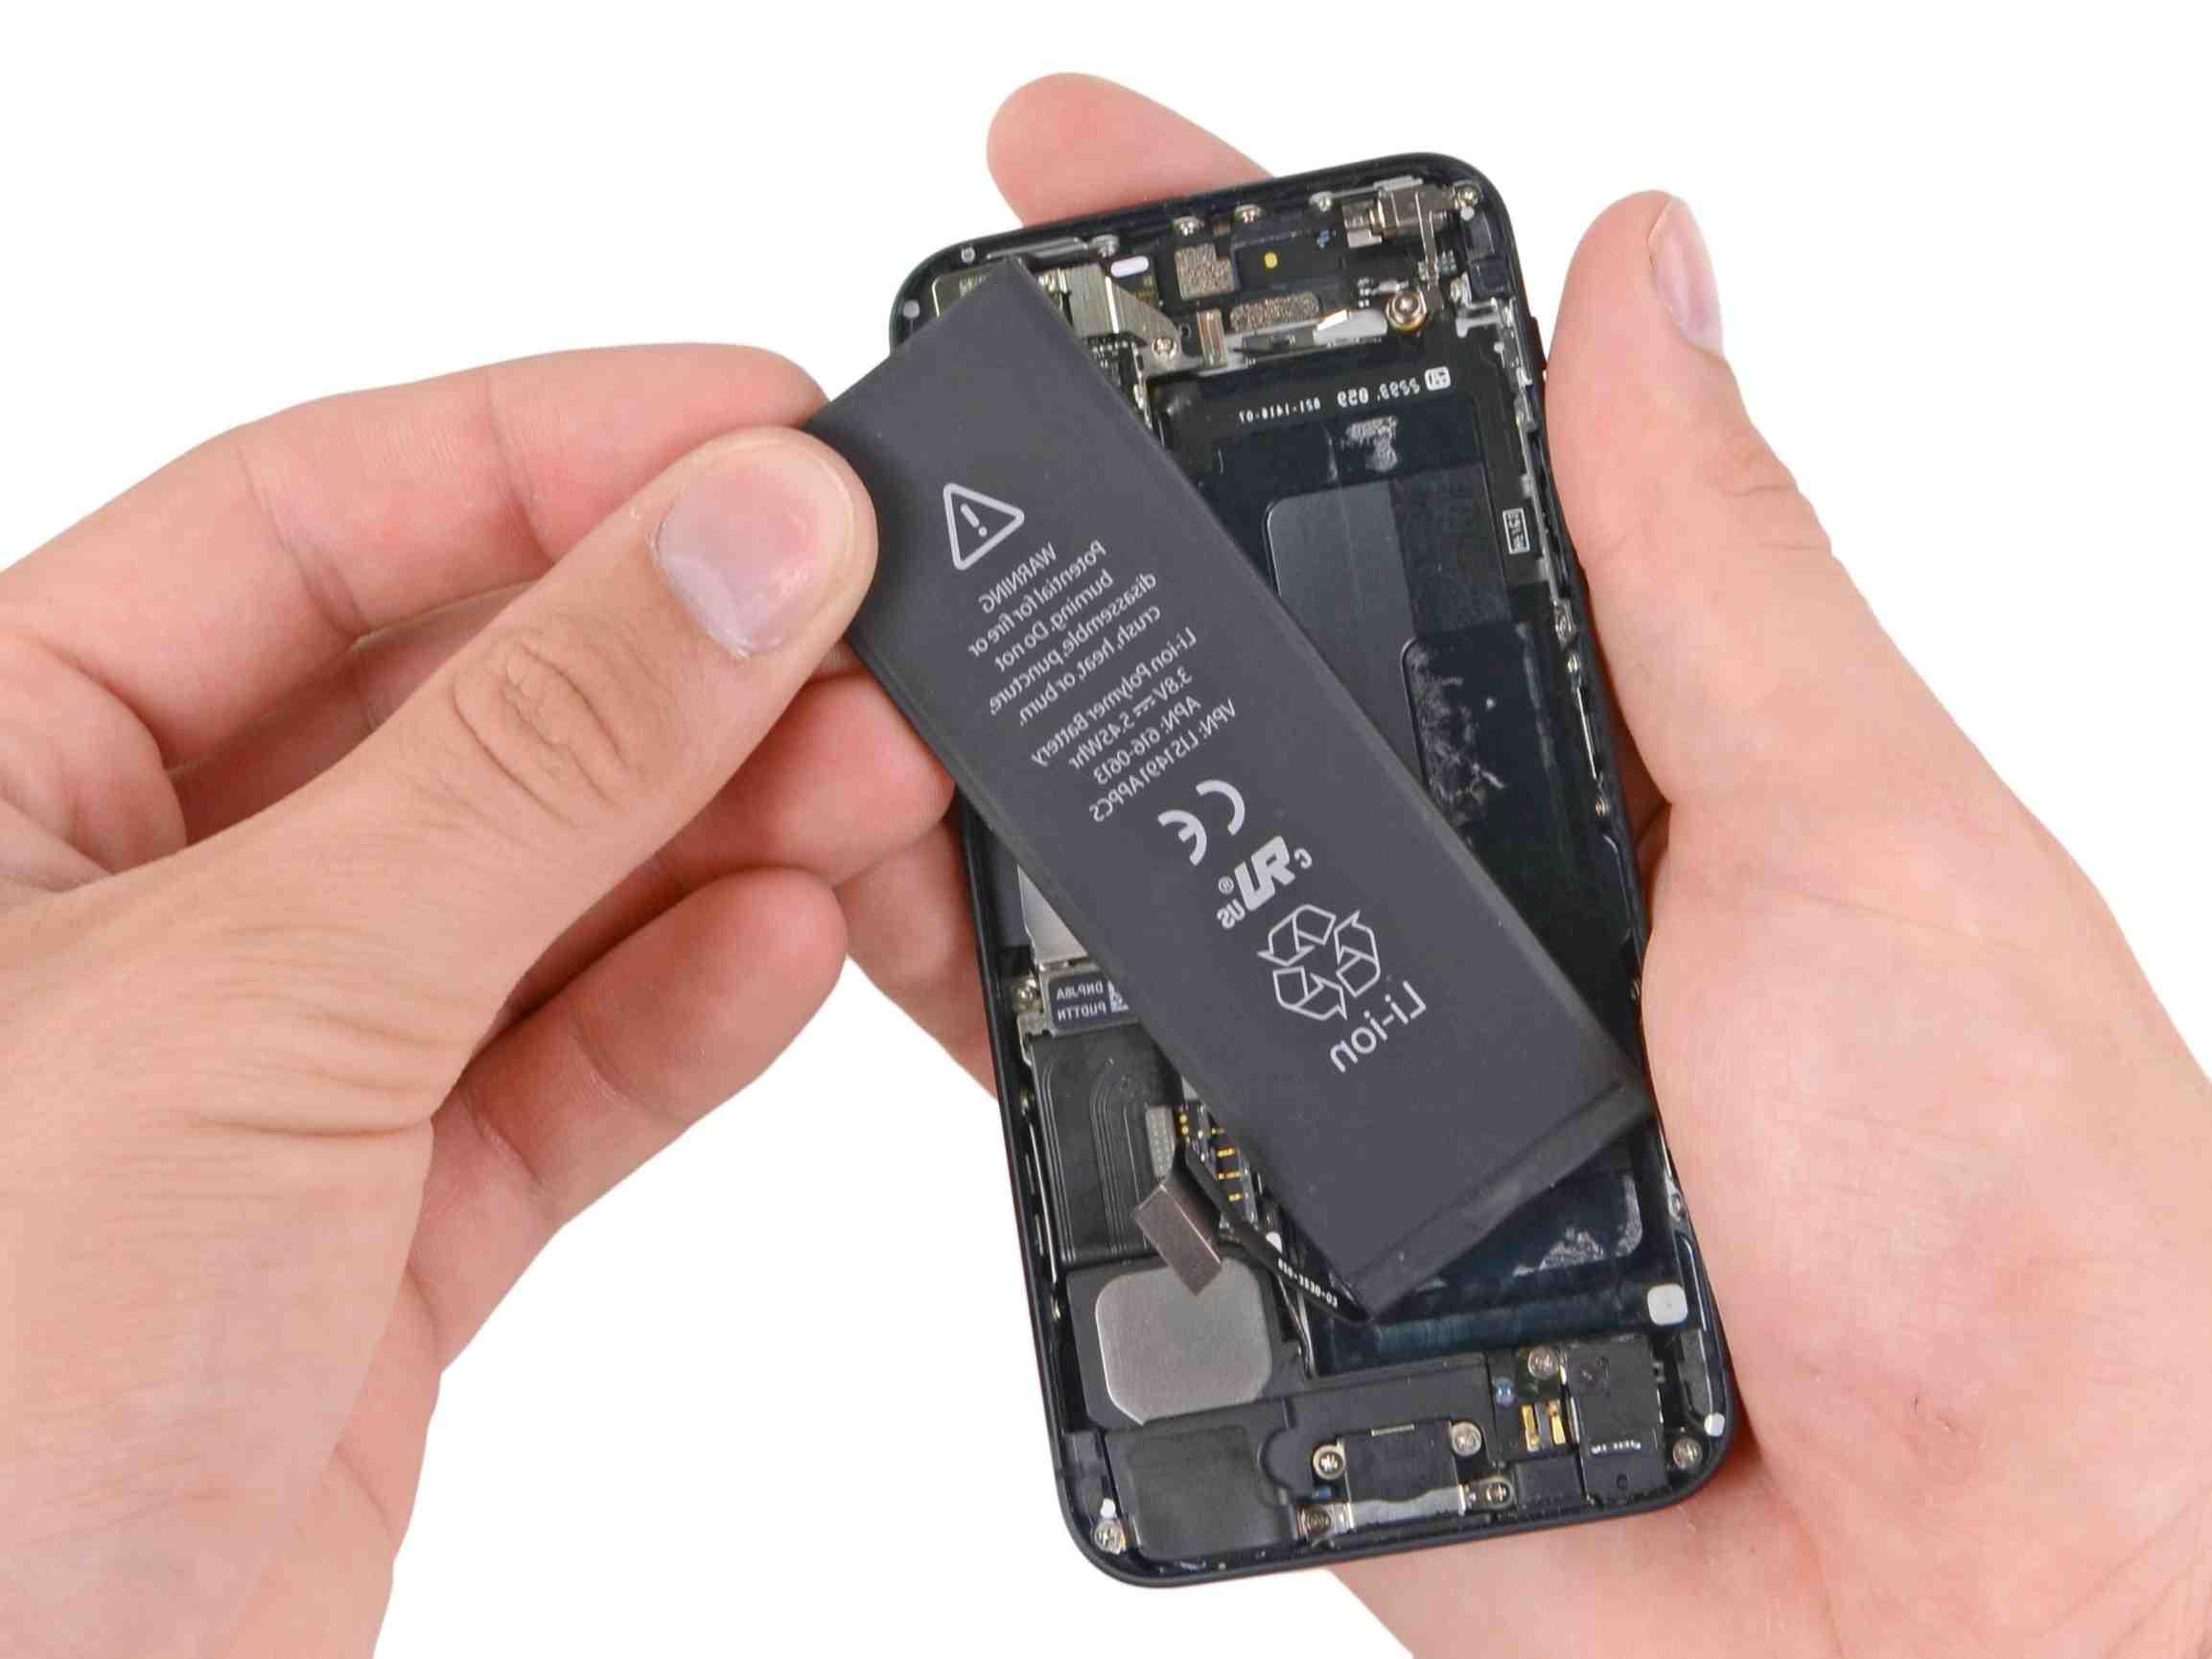 Remplacement de la batterie de l'Iphone 5s